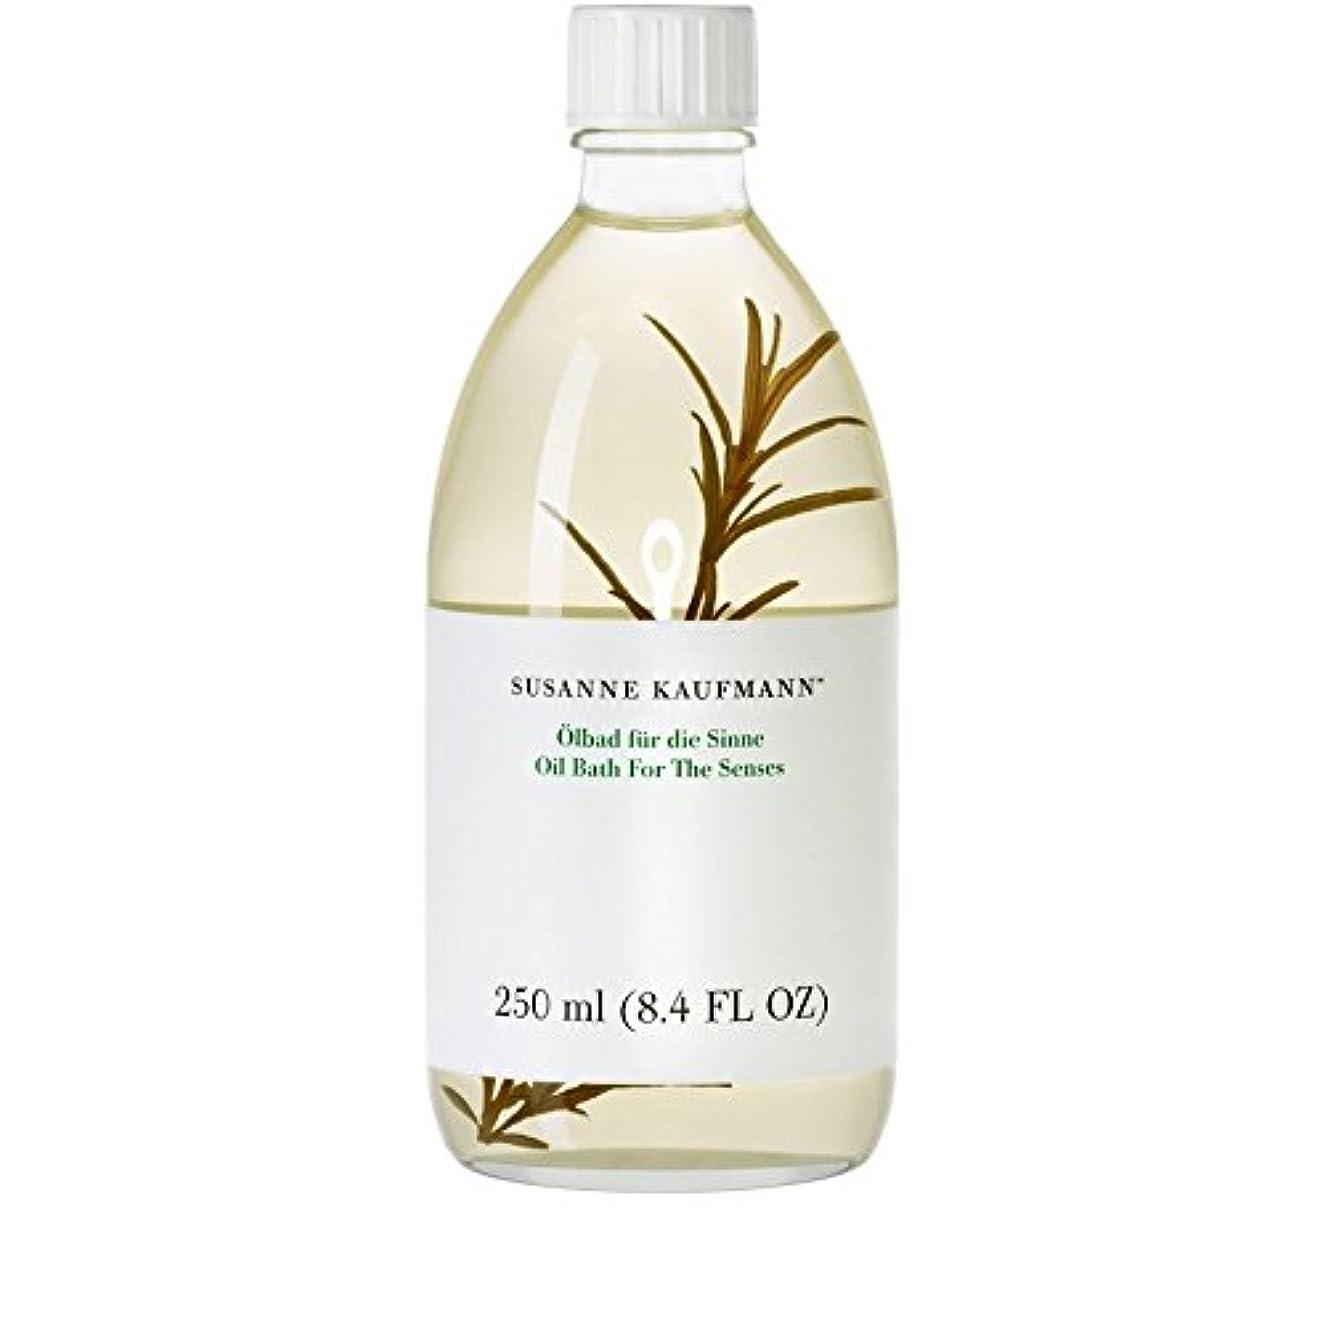 競争力のある一般化する肉腫250ミリリットルの感覚のためのスザンヌカウフマンオイルバス x4 - Susanne Kaufmann Oil Bath for the Senses 250ml (Pack of 4) [並行輸入品]